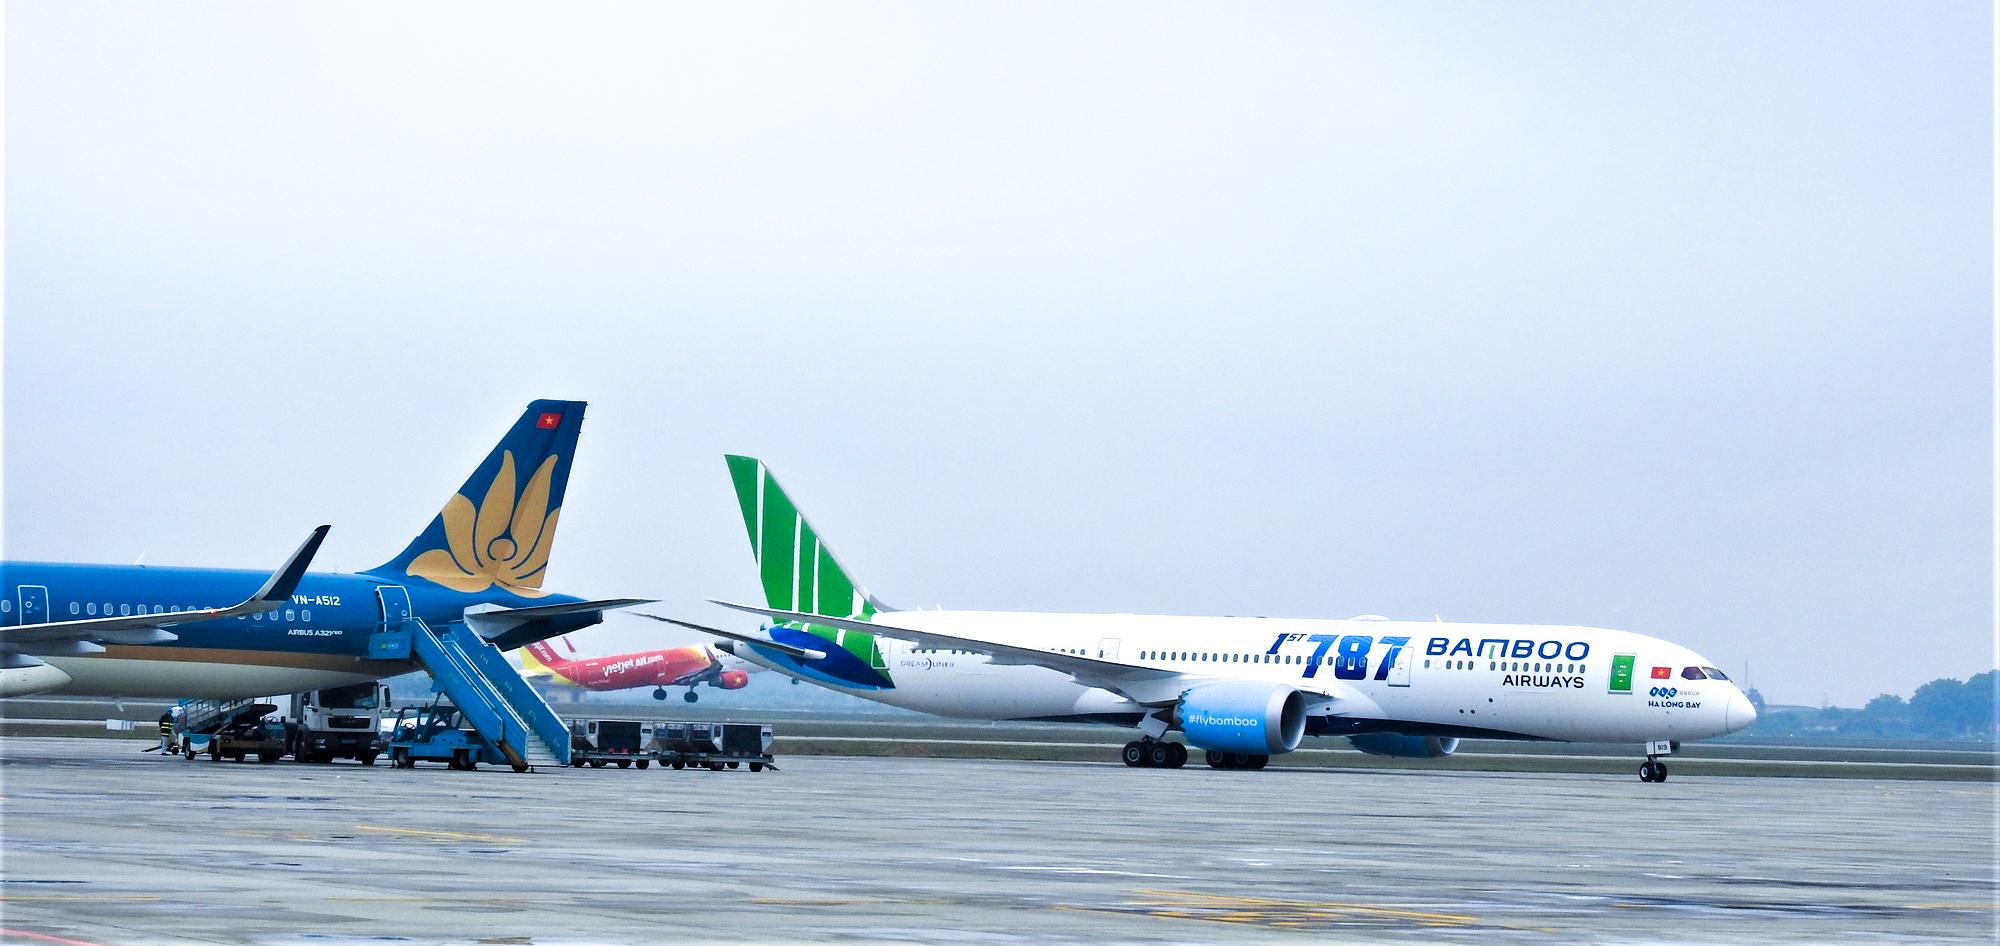 Mở lại đường bay nước ngoài: Tìm điểm cân bằng giữa kinh tế và y tế - Ảnh 1.